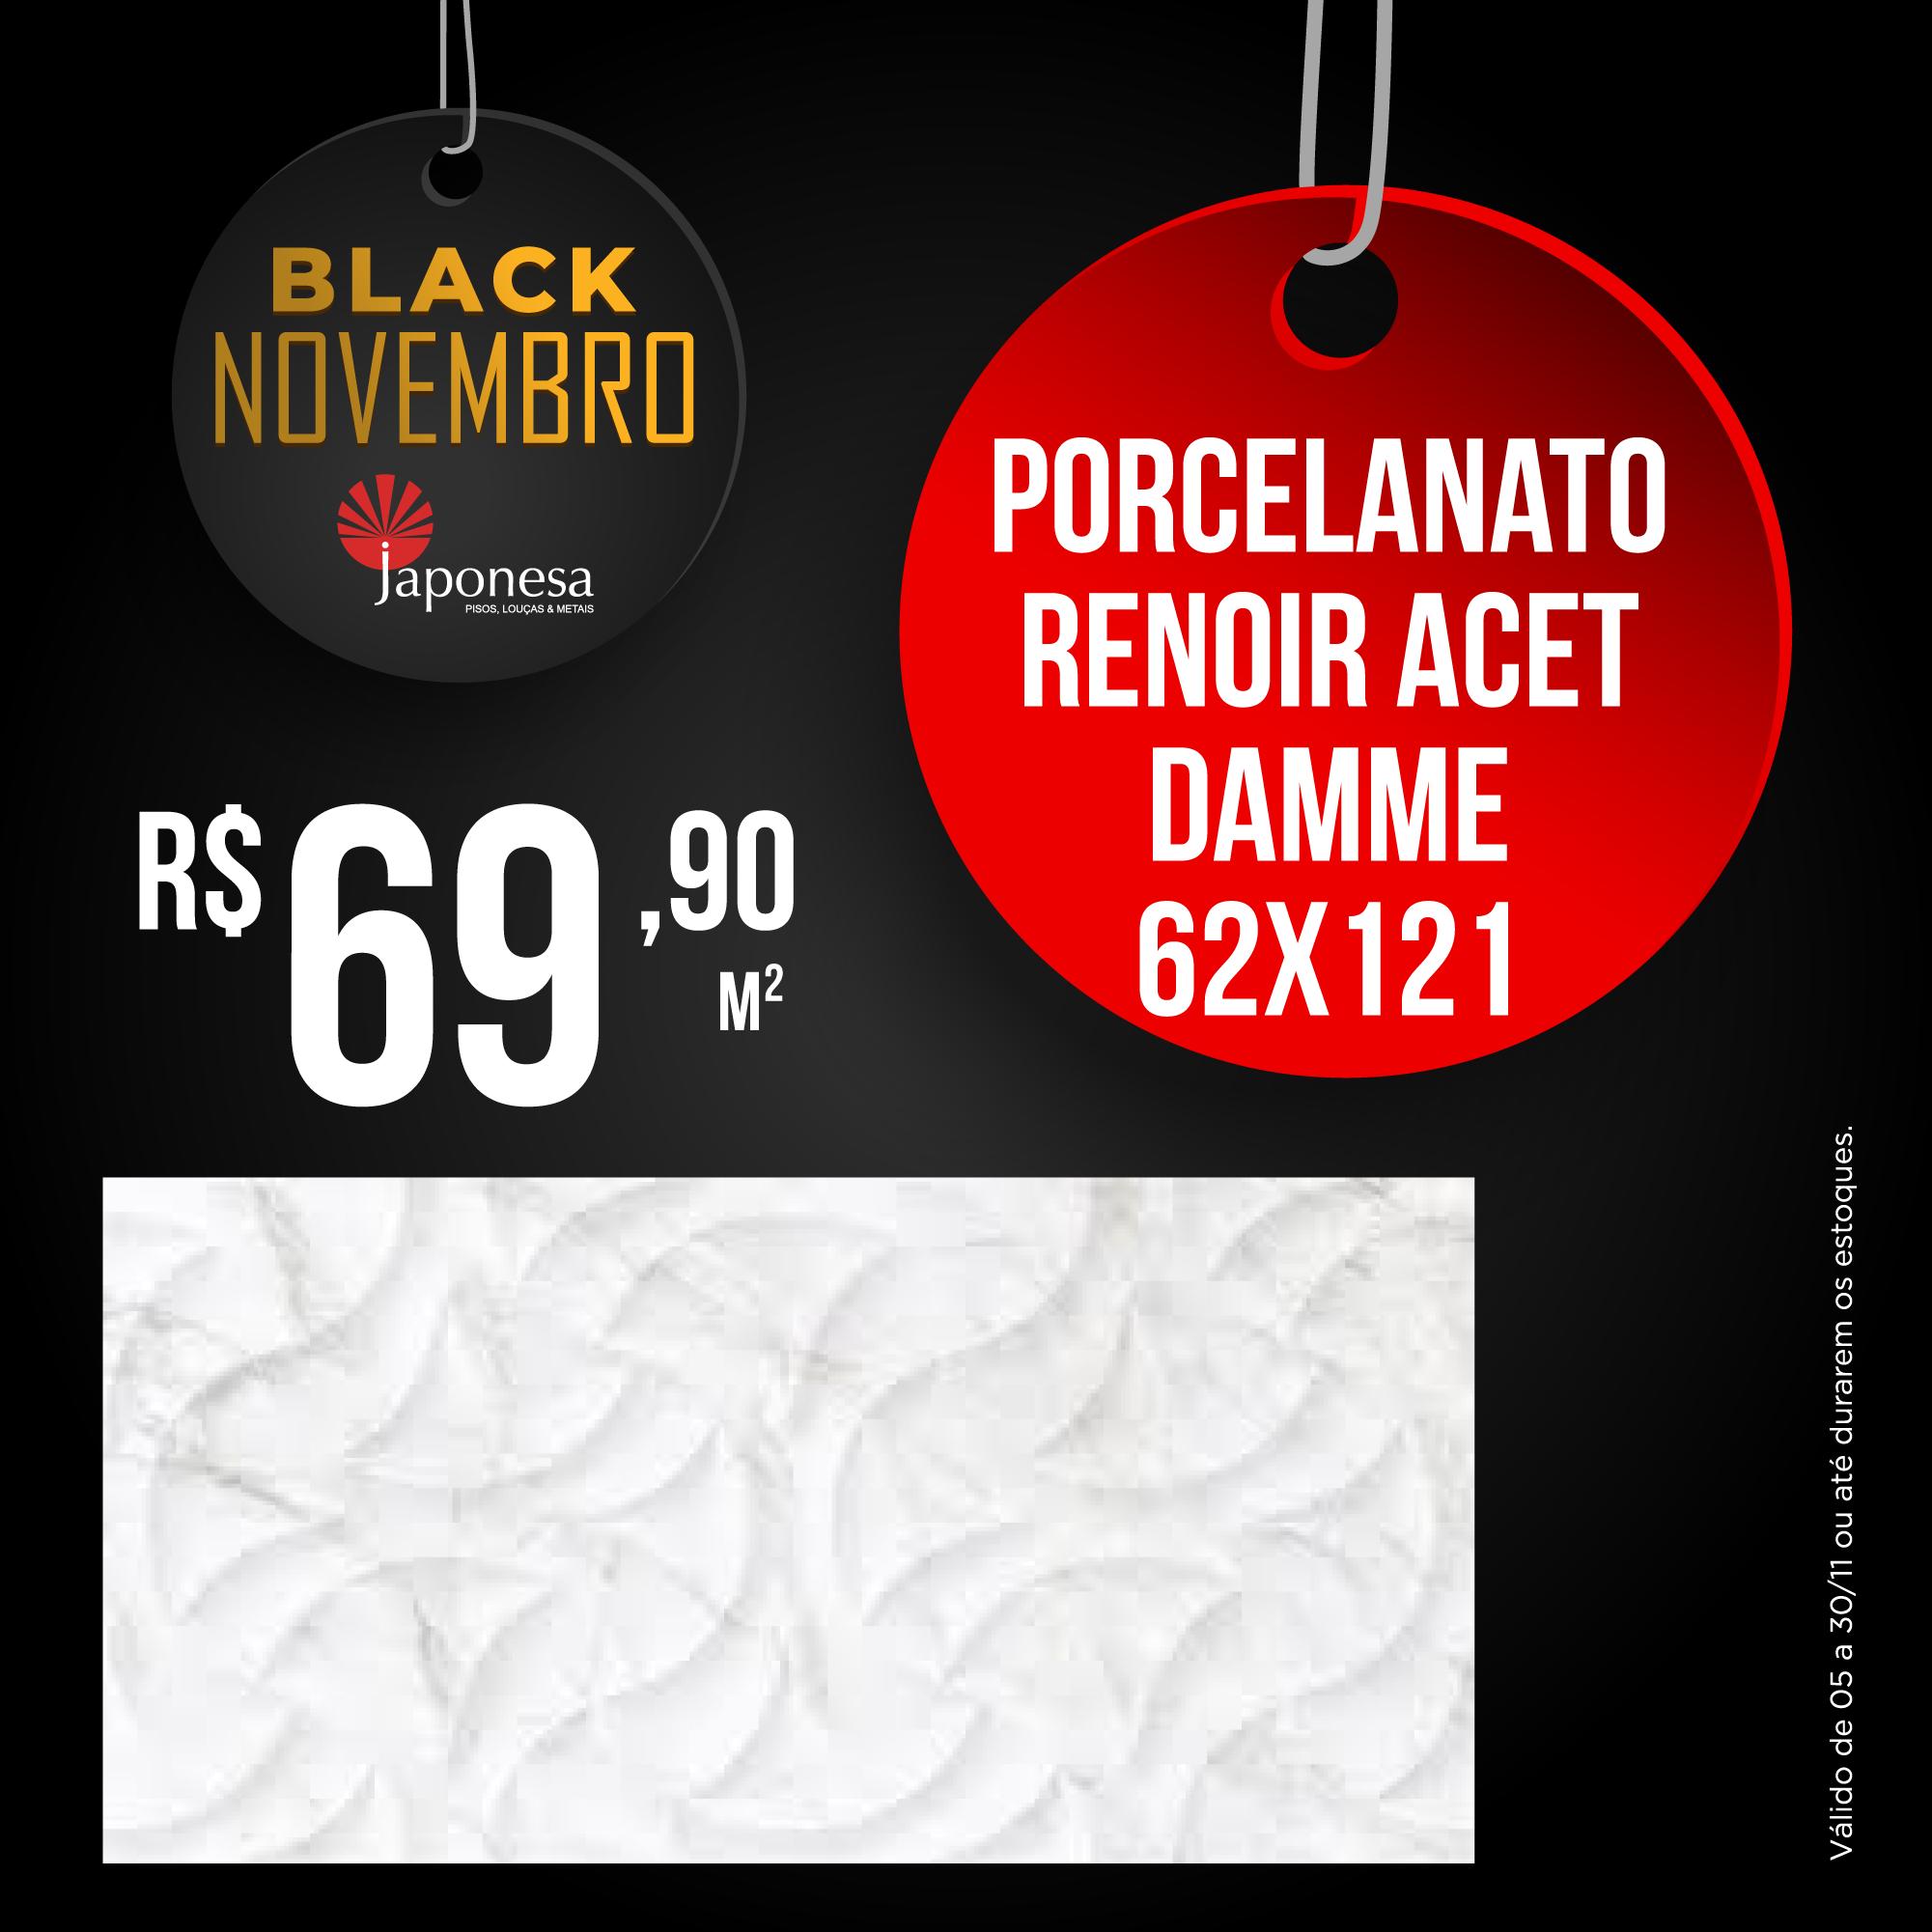 PORCELANATO RENOIR ACET DAMME 62X121